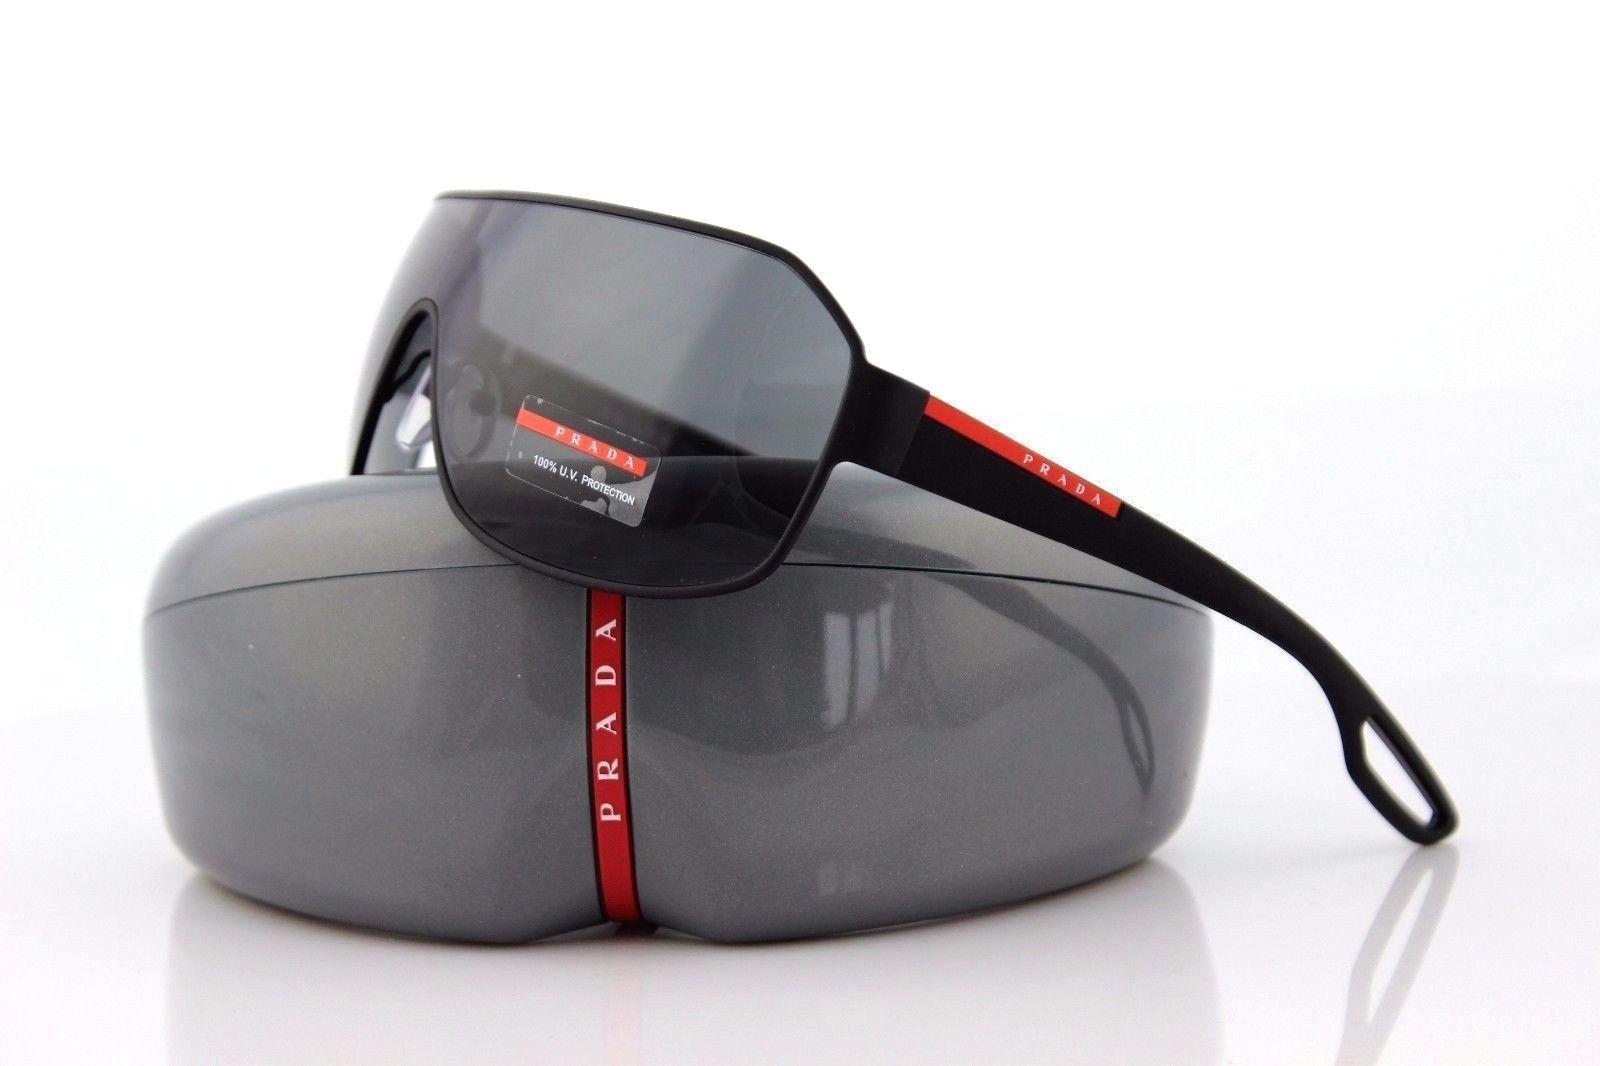 b39133bcf52 Details about NEW Authentic PRADA Sport Lifestyle Black Sunglasses PS 52QS  SPS 52Q DG0 1A1 52Q